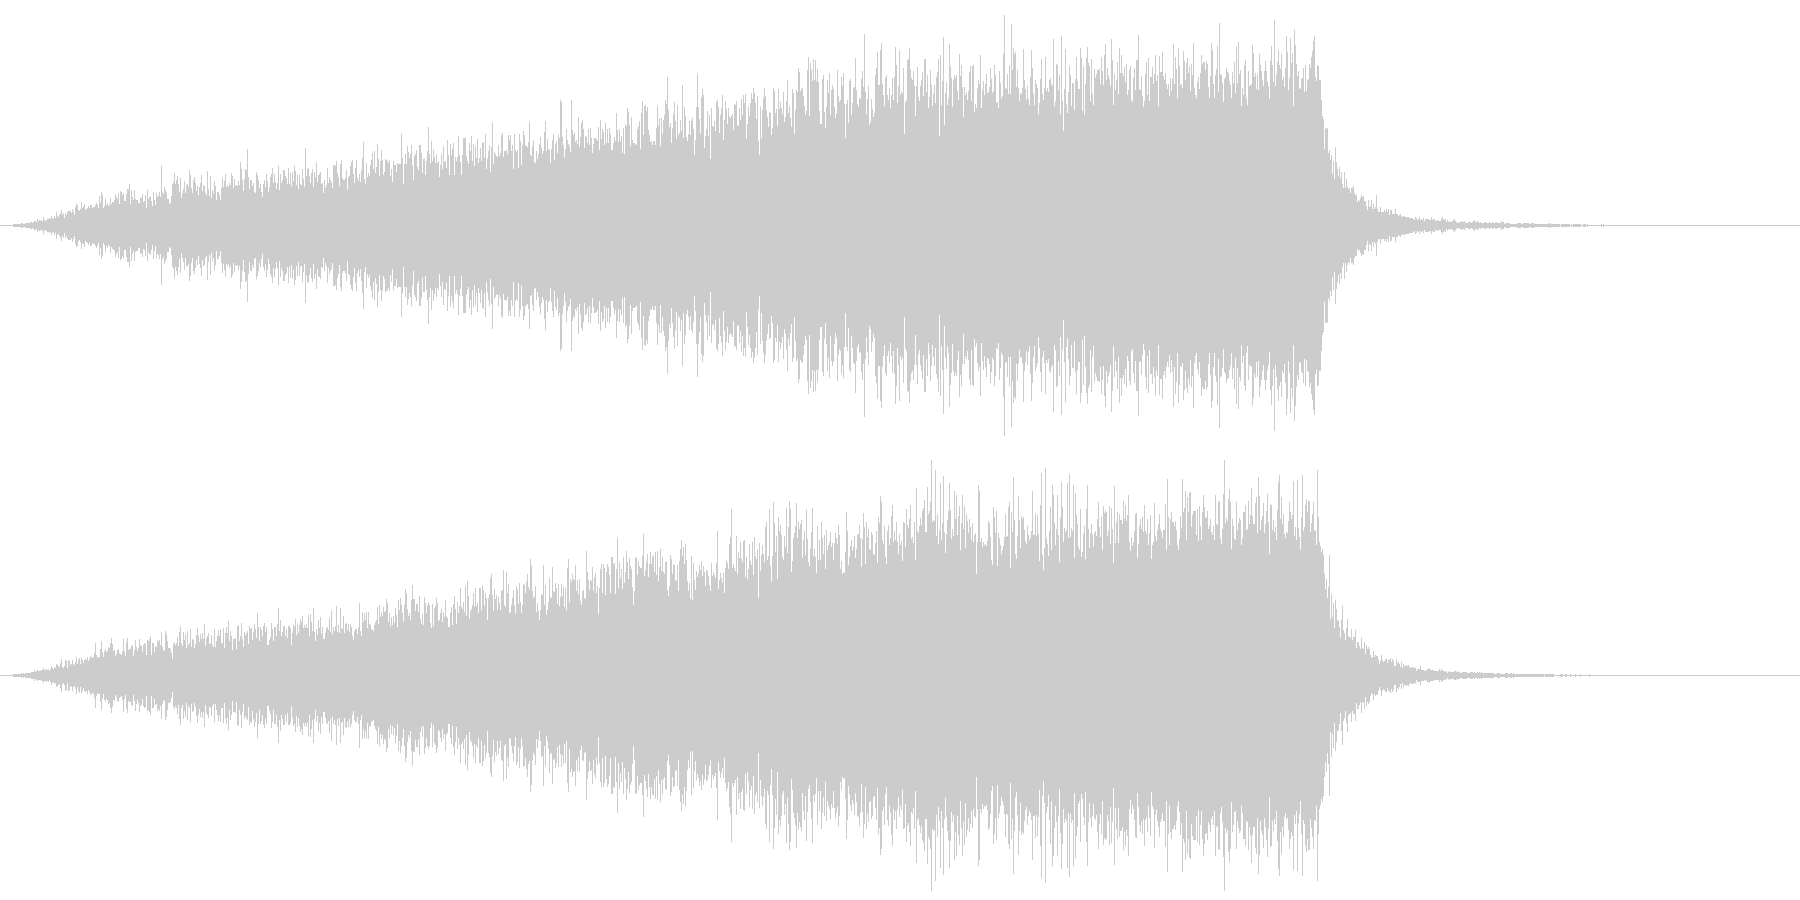 【ライザー】09 SFサウンド 宇宙の未再生の波形